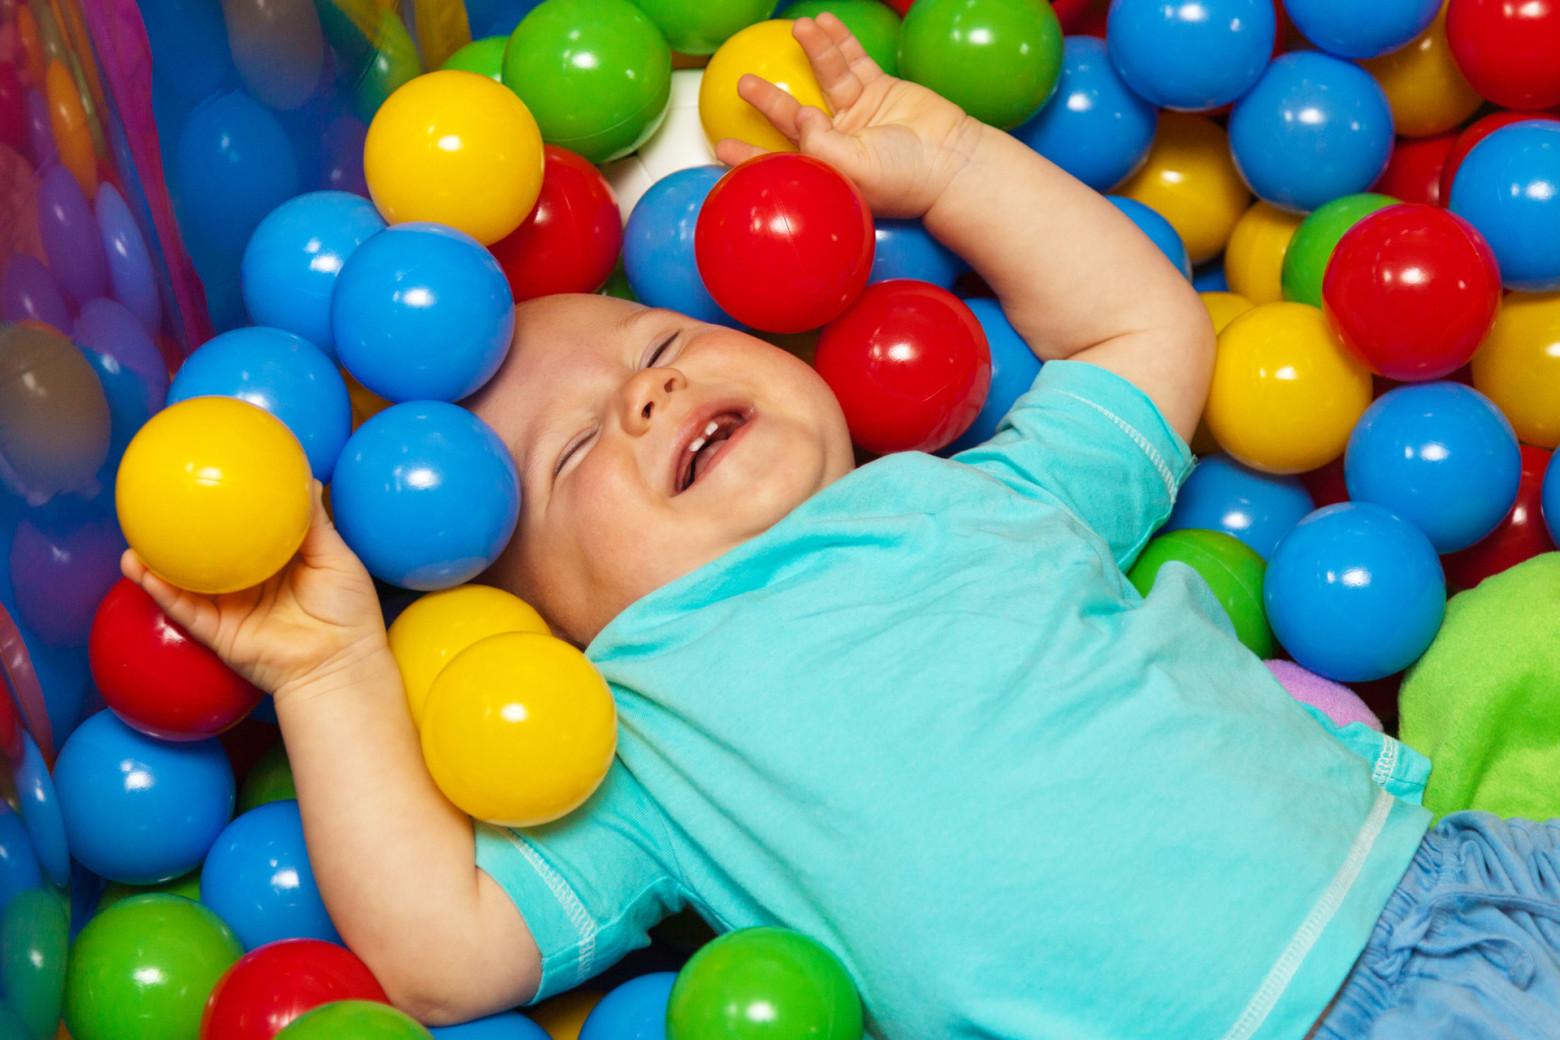 Enfant b b qui joue images photos gratuites images - Nino 6 anos se hace pis ...